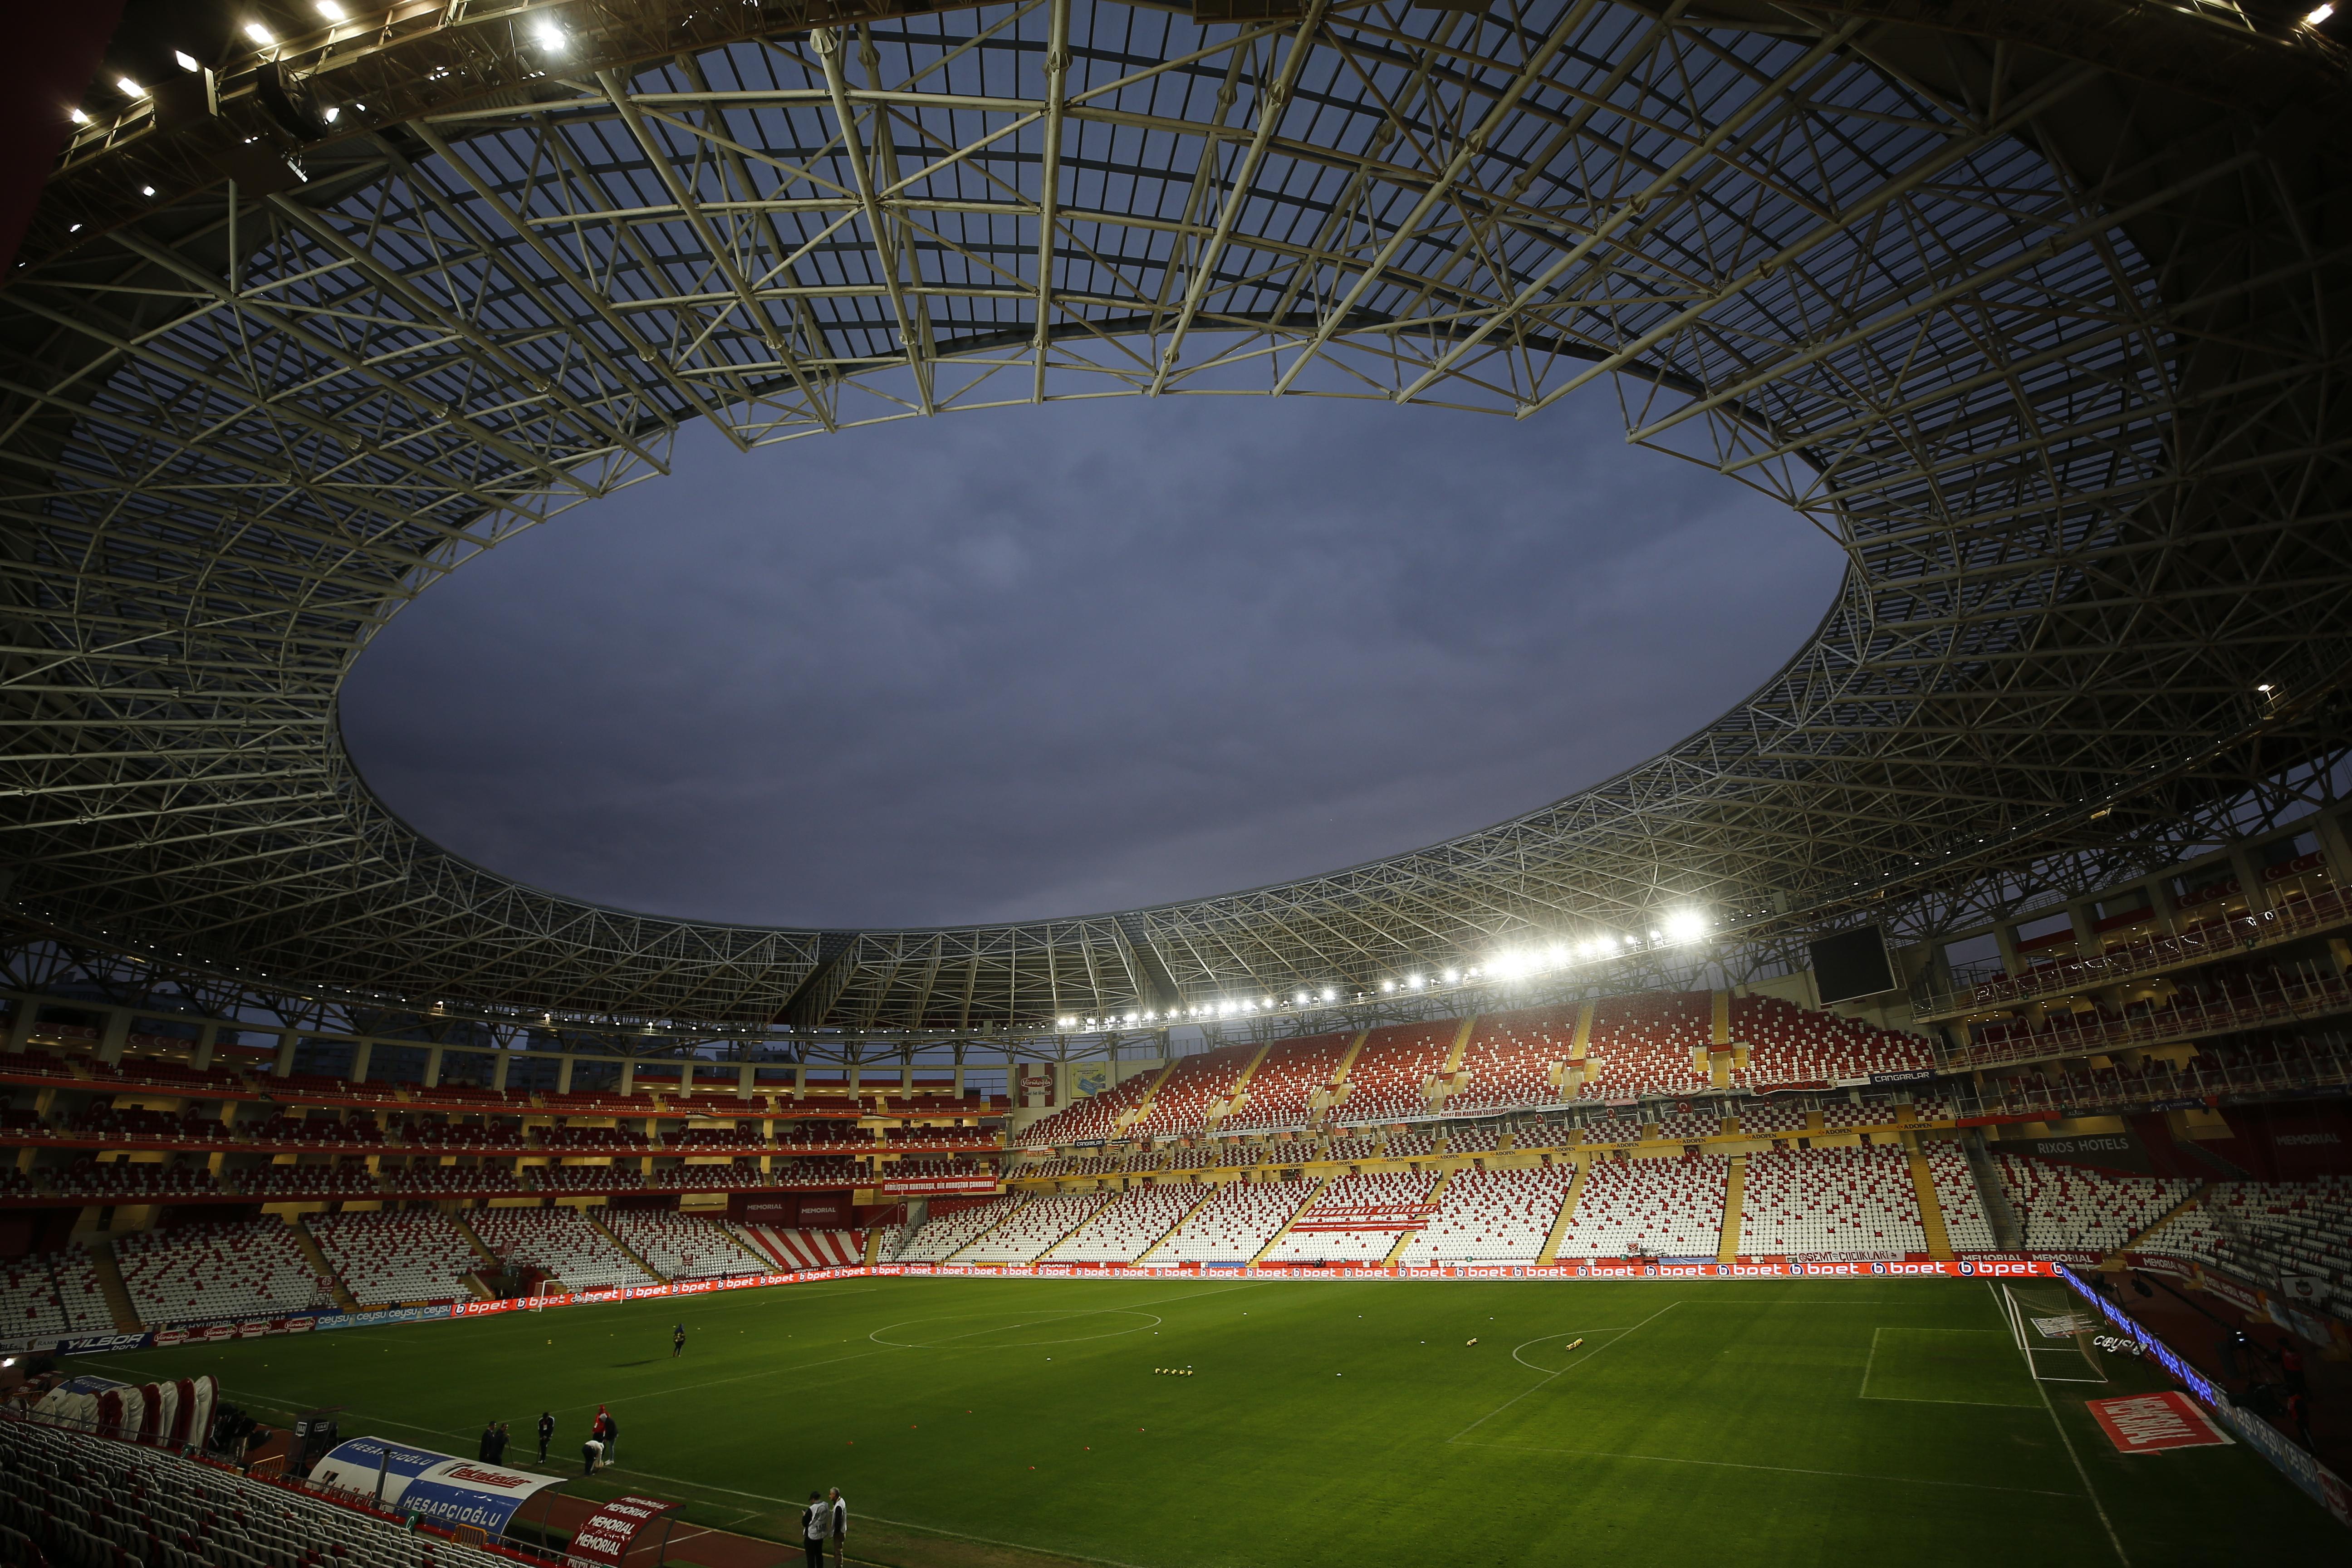 Törökországban is felfüggesztették bajnokságot, Európában már csak Fehéroroszország nem fújta le azt